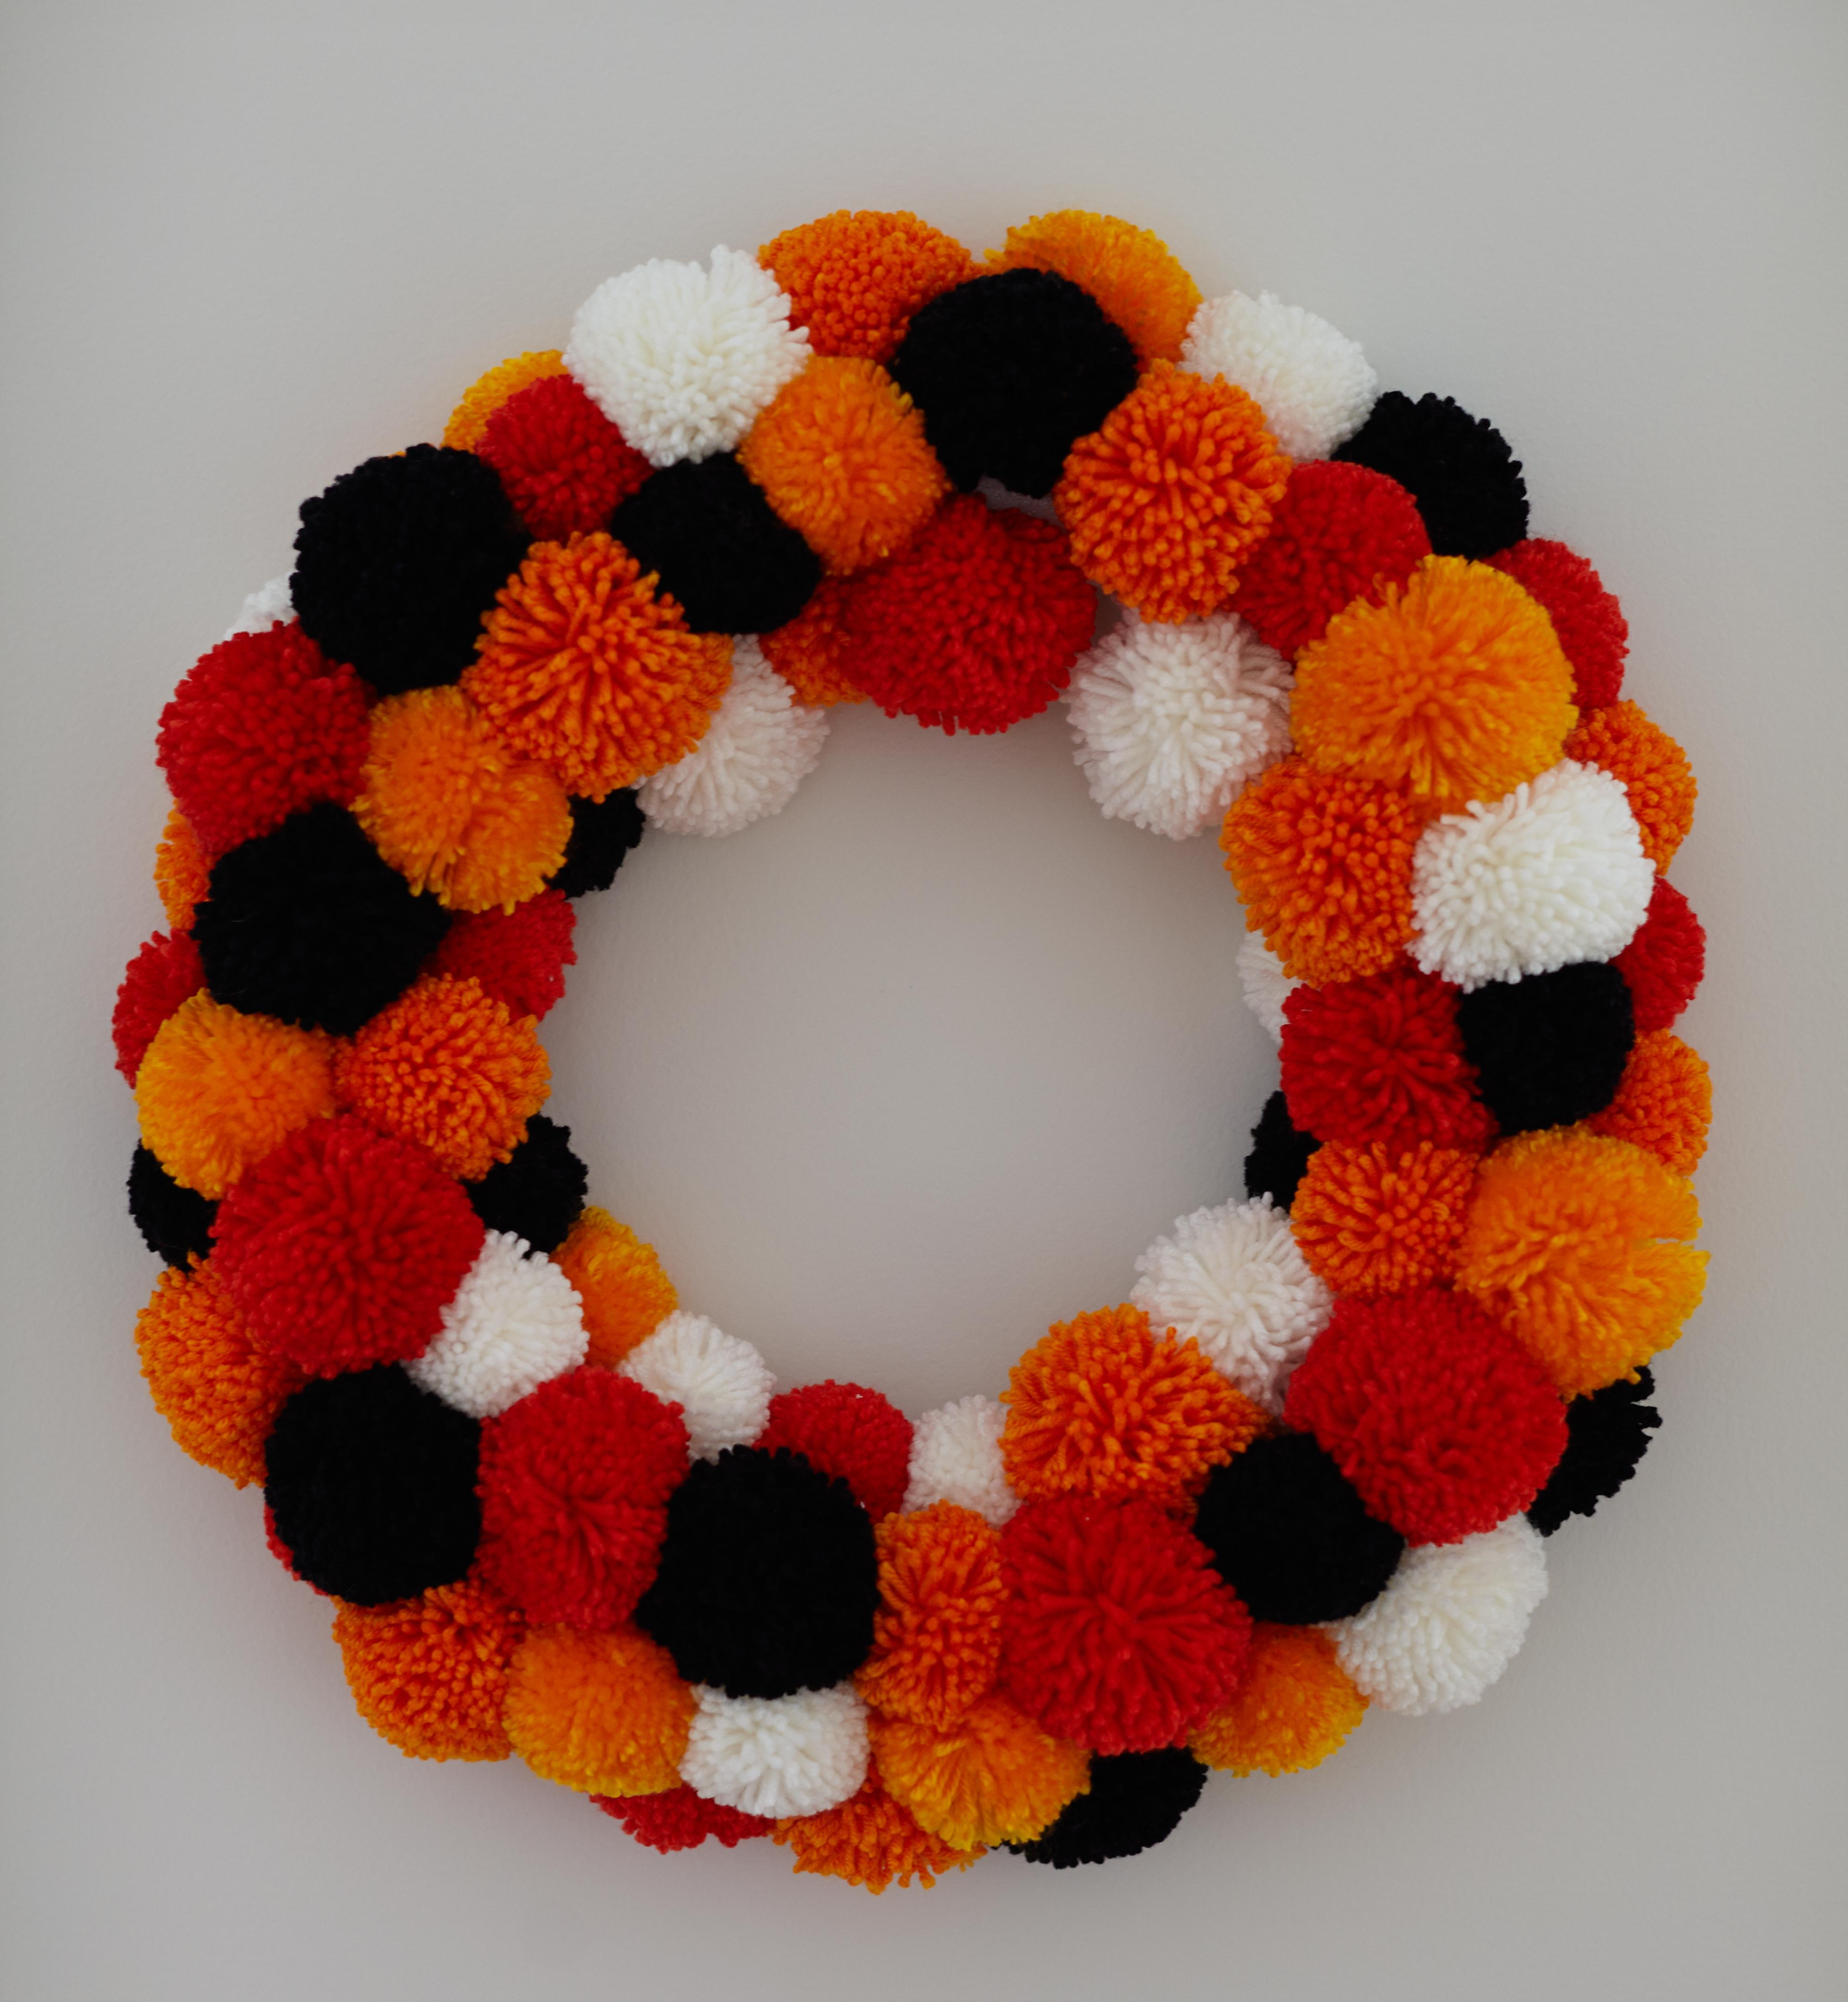 pom-pom-wreath.jpg